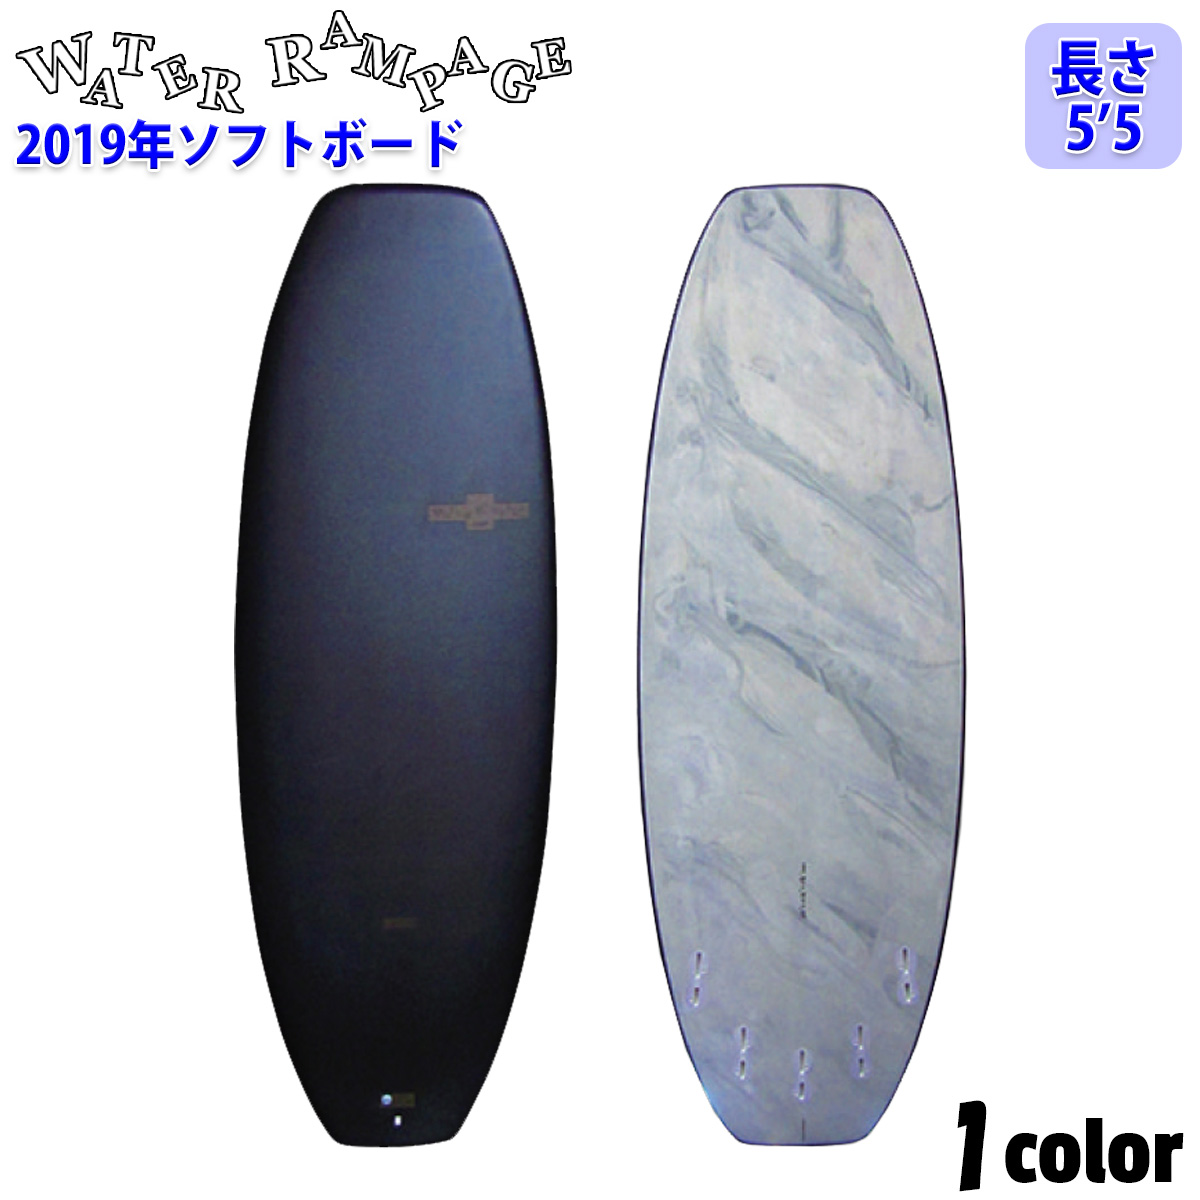 WATER RAMPAGE ウォーターランページ SWITCH スイッチ ハードボトム サーフボード 2019年モデル 5'5/165.8cm*54.6cm*6.9cm 品番 MSF-55SW 日本正規品